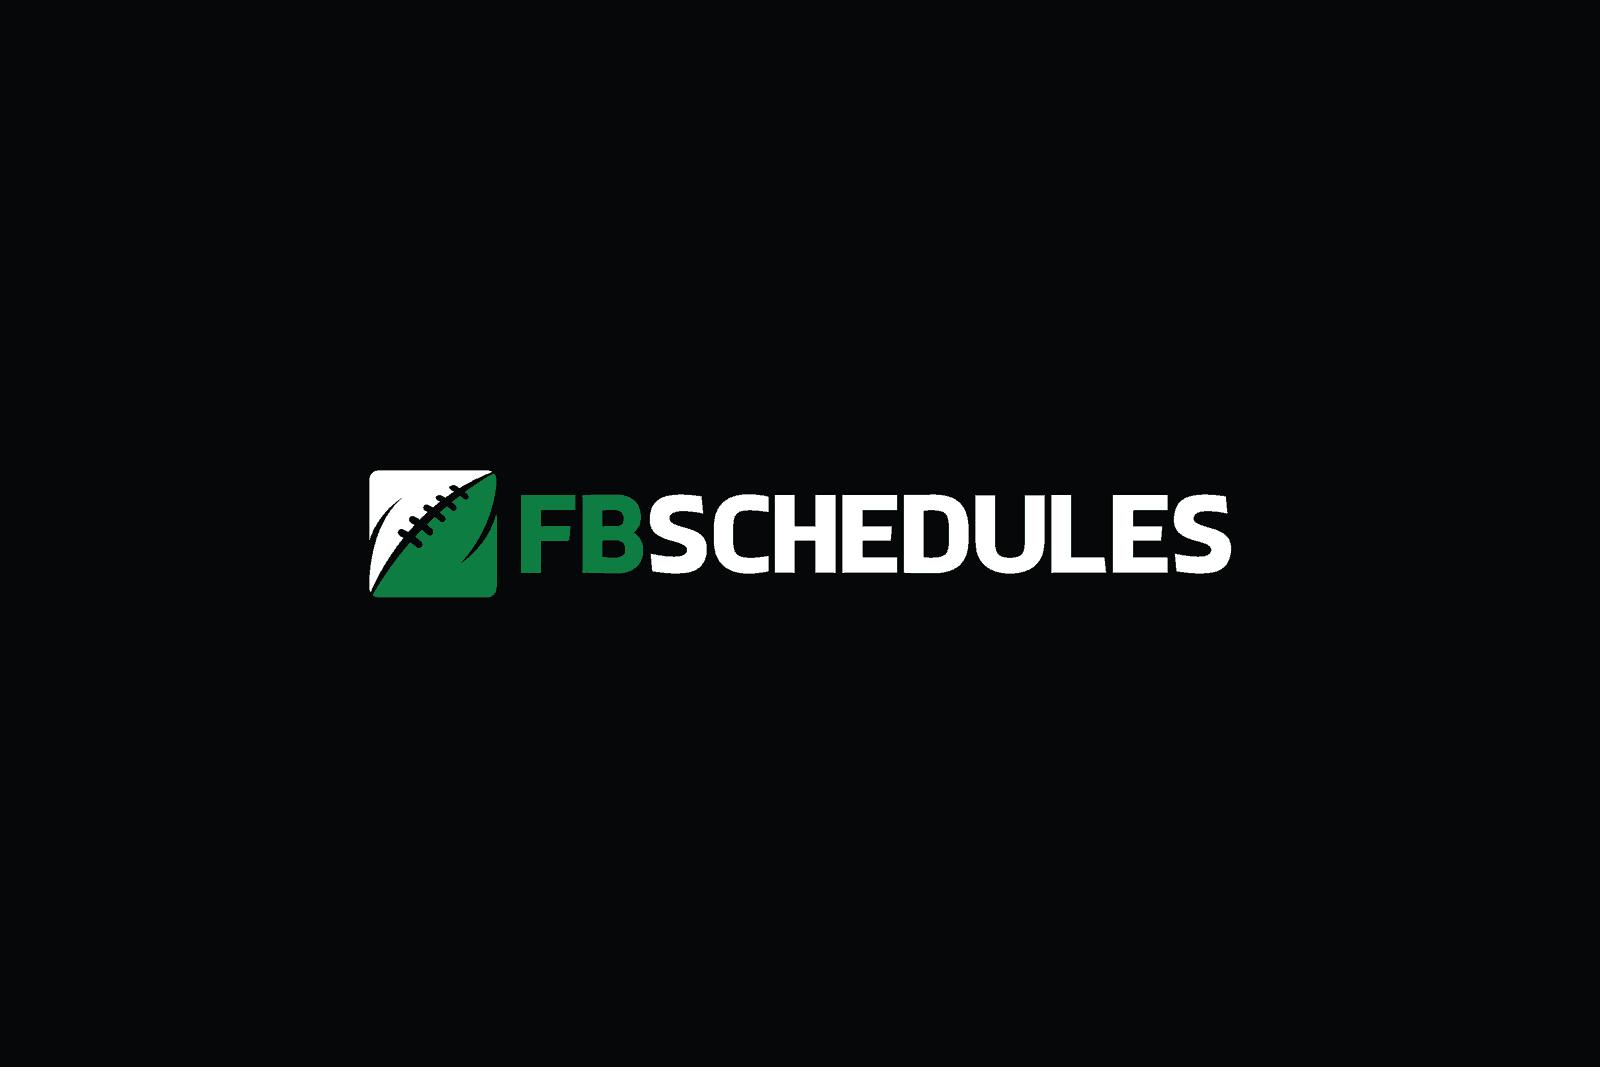 FBSchedules